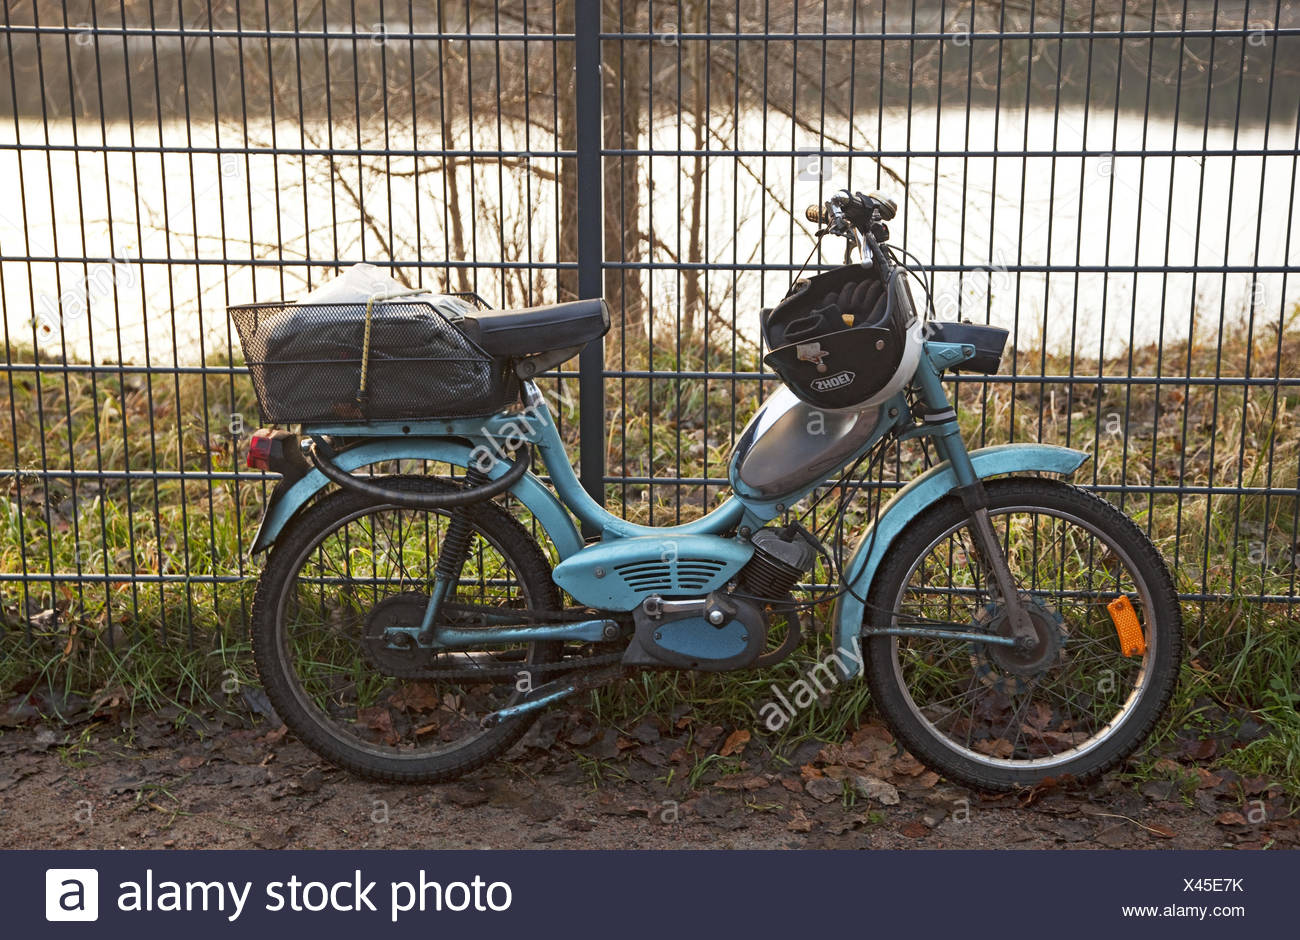 Motorbike, fence, leant, - Stock Image